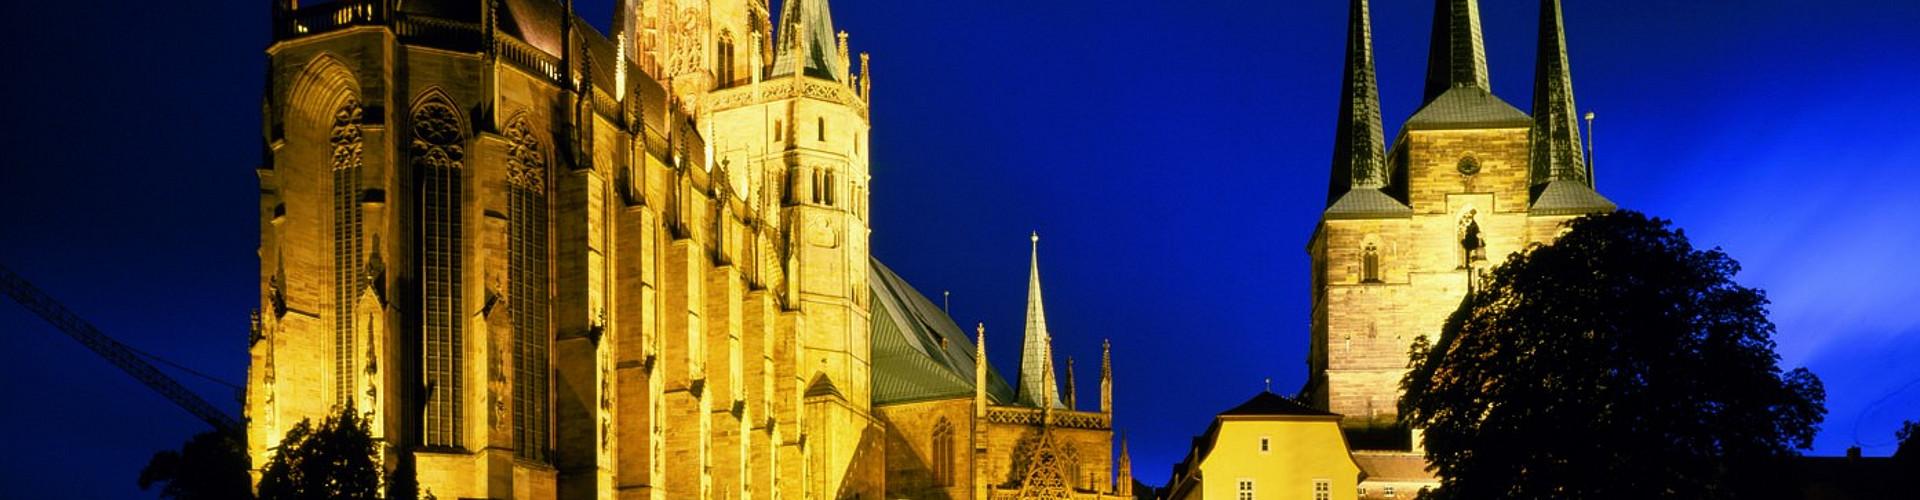 Dom St. Marien und St. Severikirche